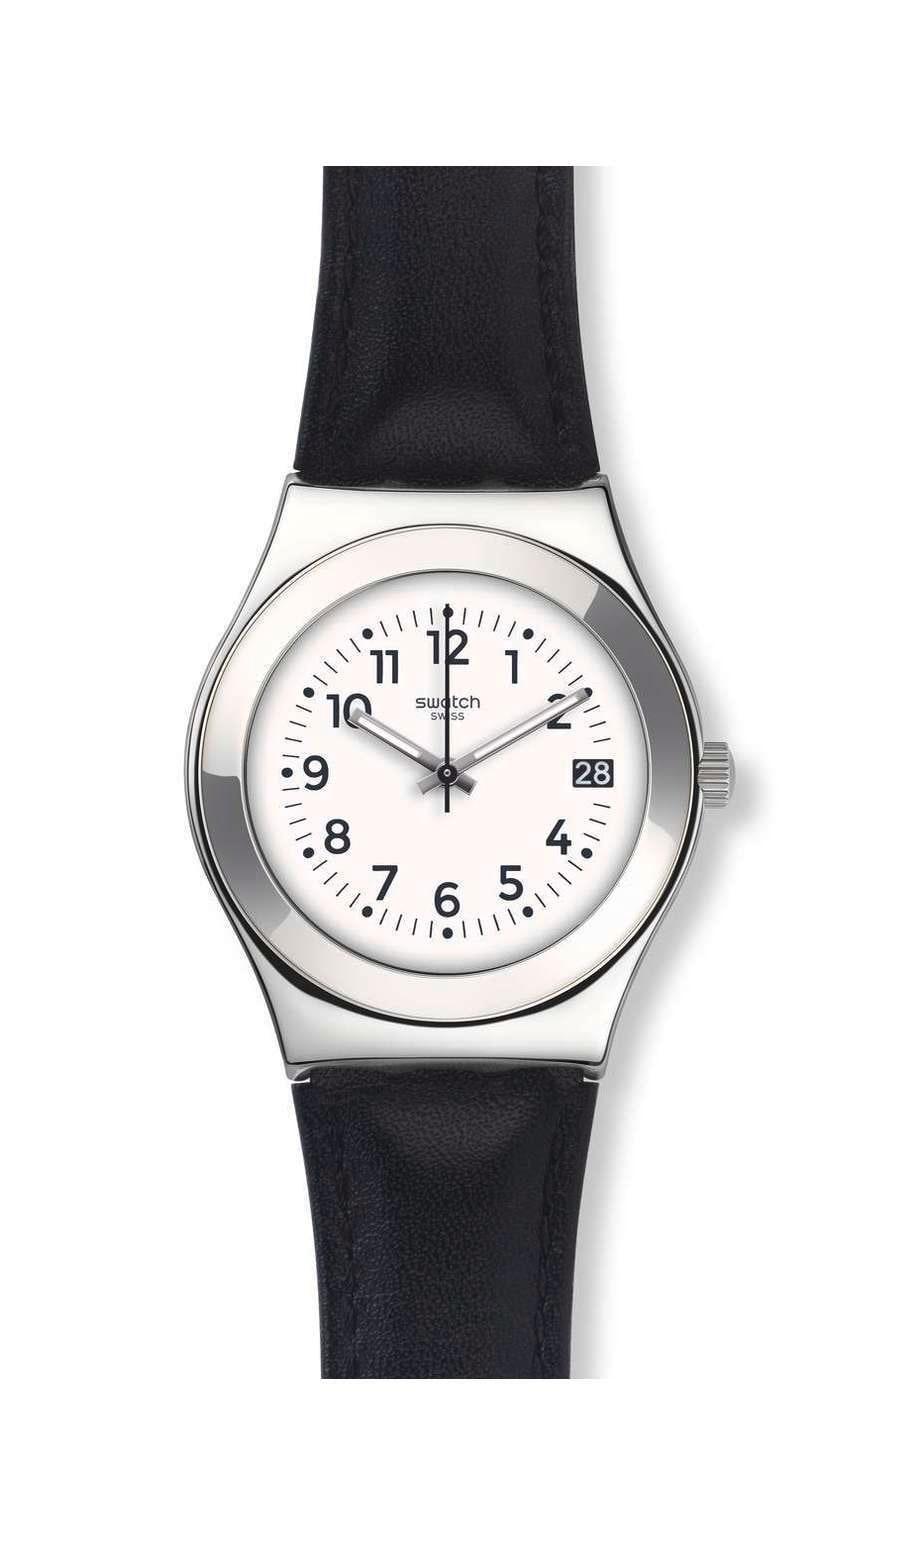 Swatch - LICORICE - 1